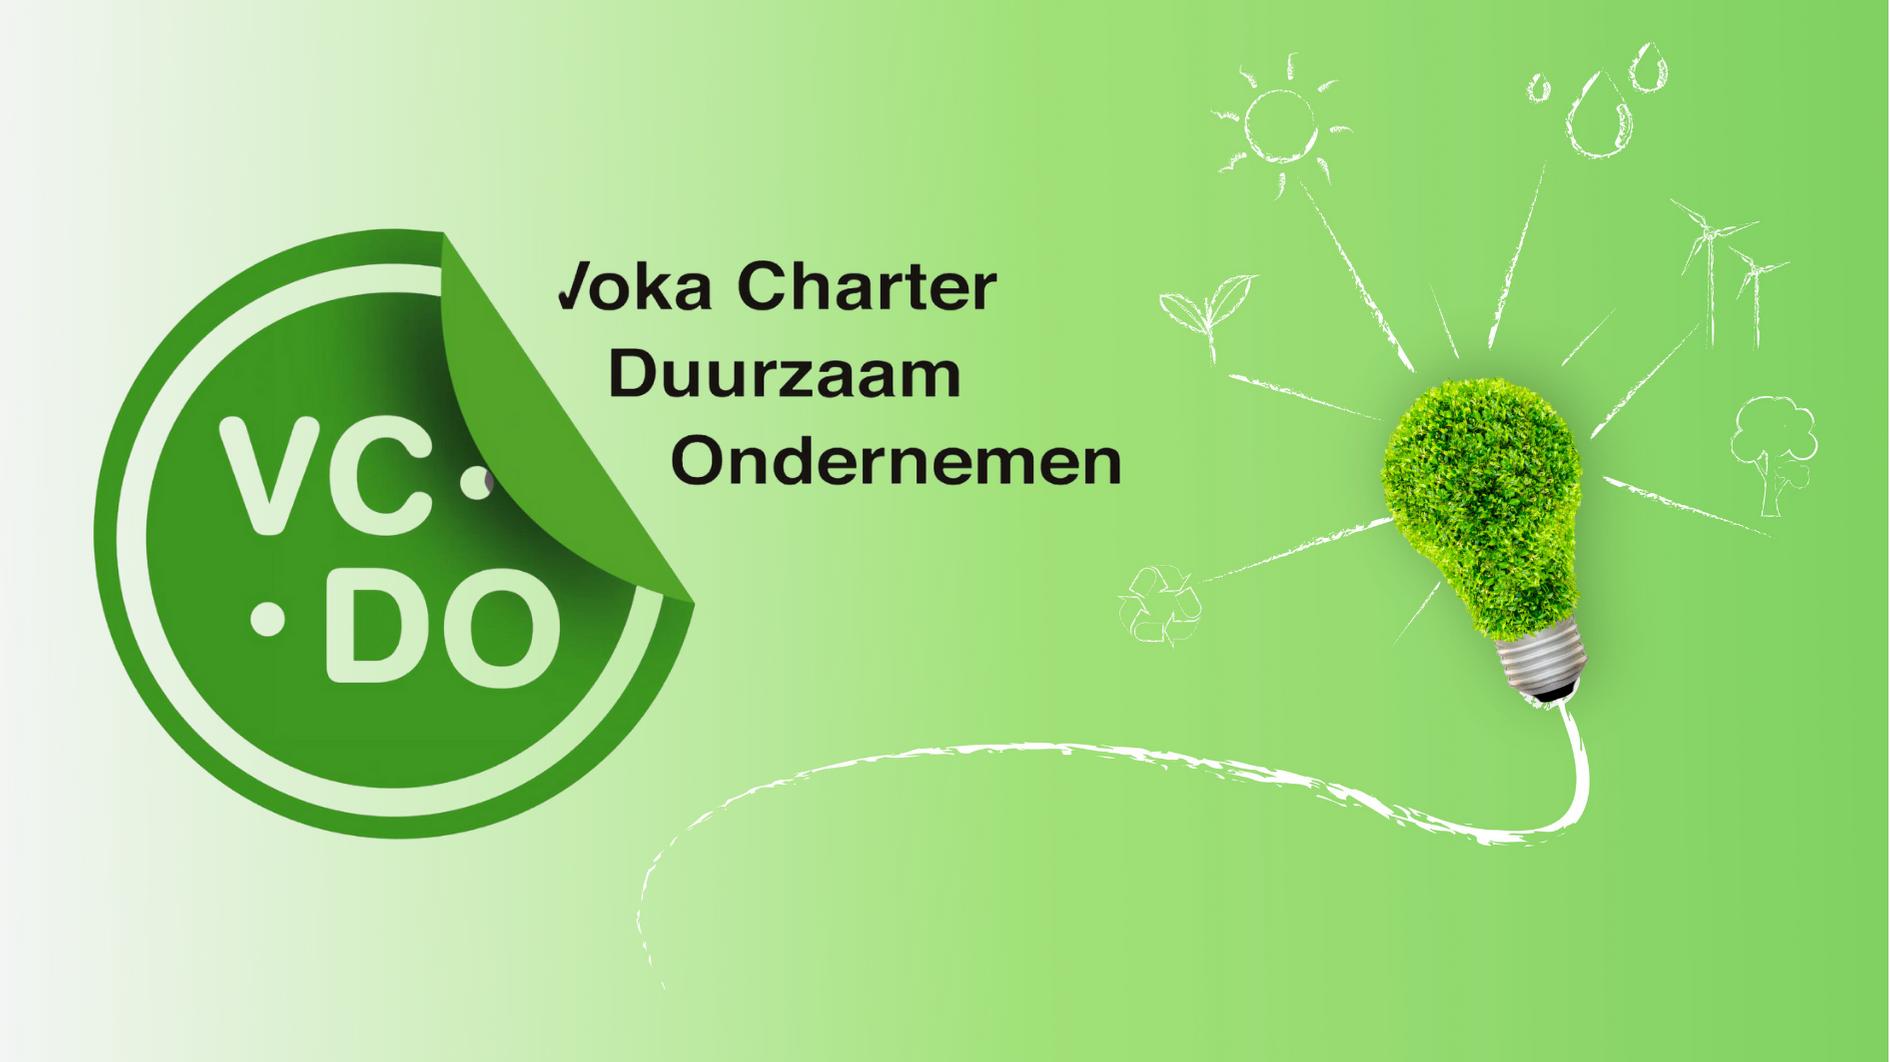 VCDO Duurzaam ondernemen